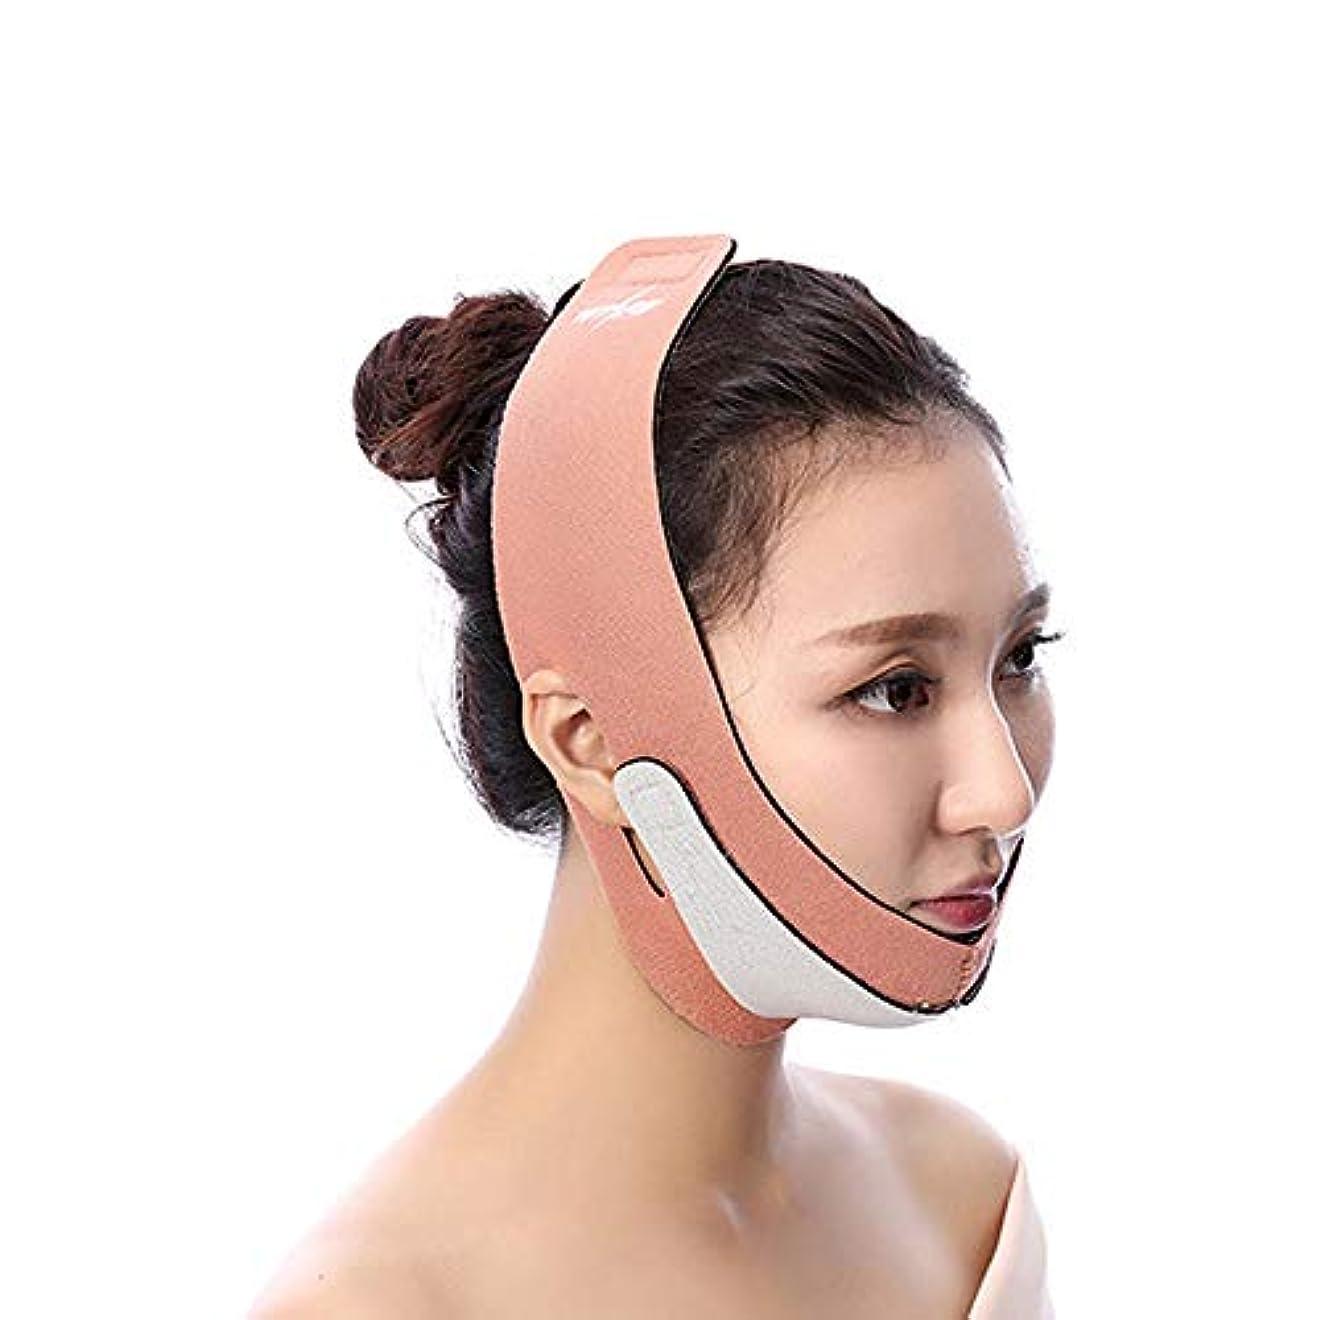 海里支店溶岩薄型フェイスマスク、フェイスリフティングに最適、フェイスバンドを引き締めて肌の包帯を締め、頬あごの持ち上げ、肌の包帯を引き締める(ワンサイズはすべてにフィット) (Color : Orange)